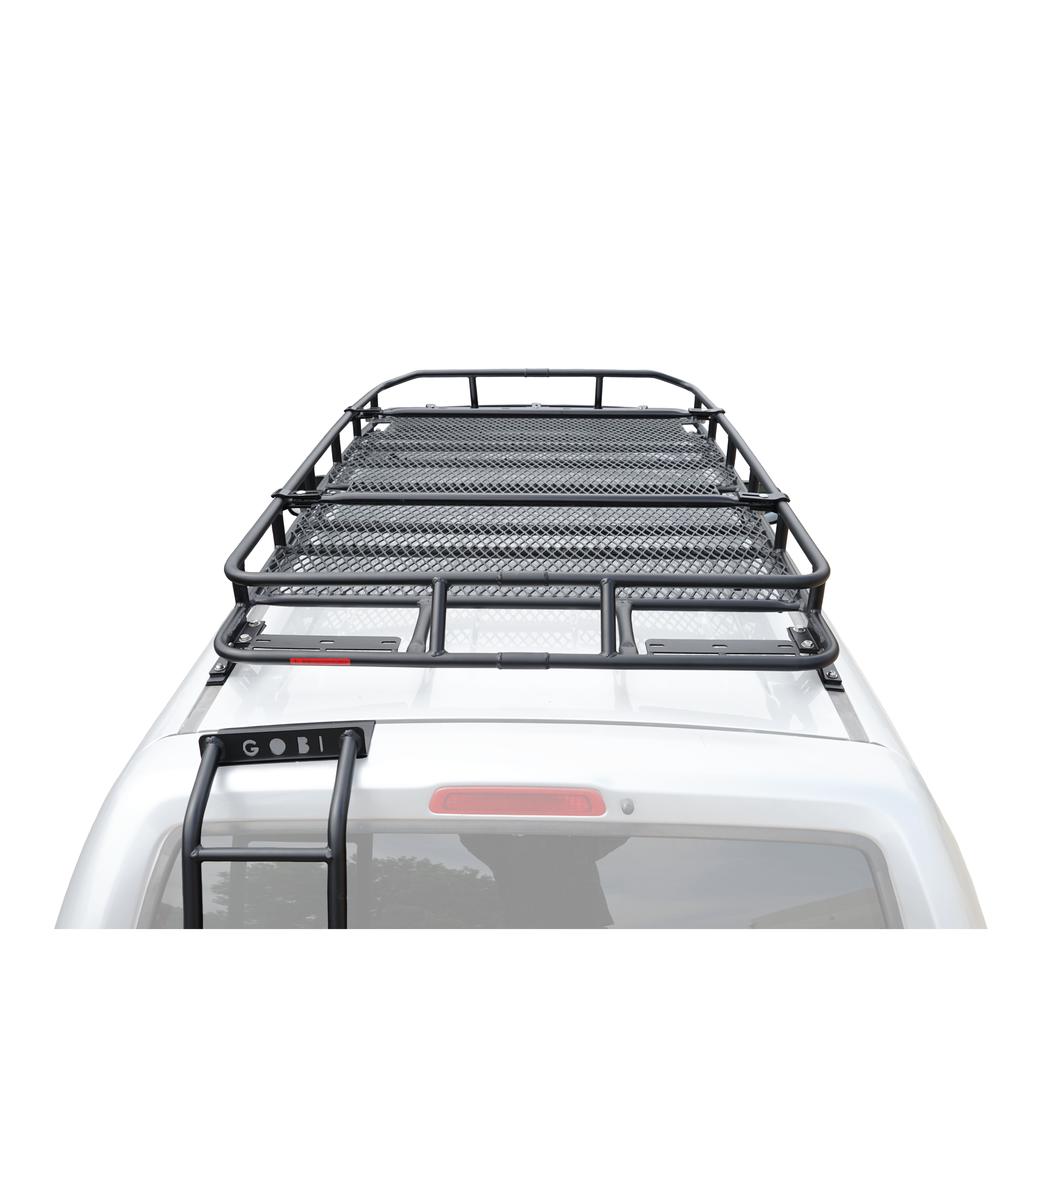 Toyota 4runner 4th Gen Ranger Rack No Sunroof Gobi Racks